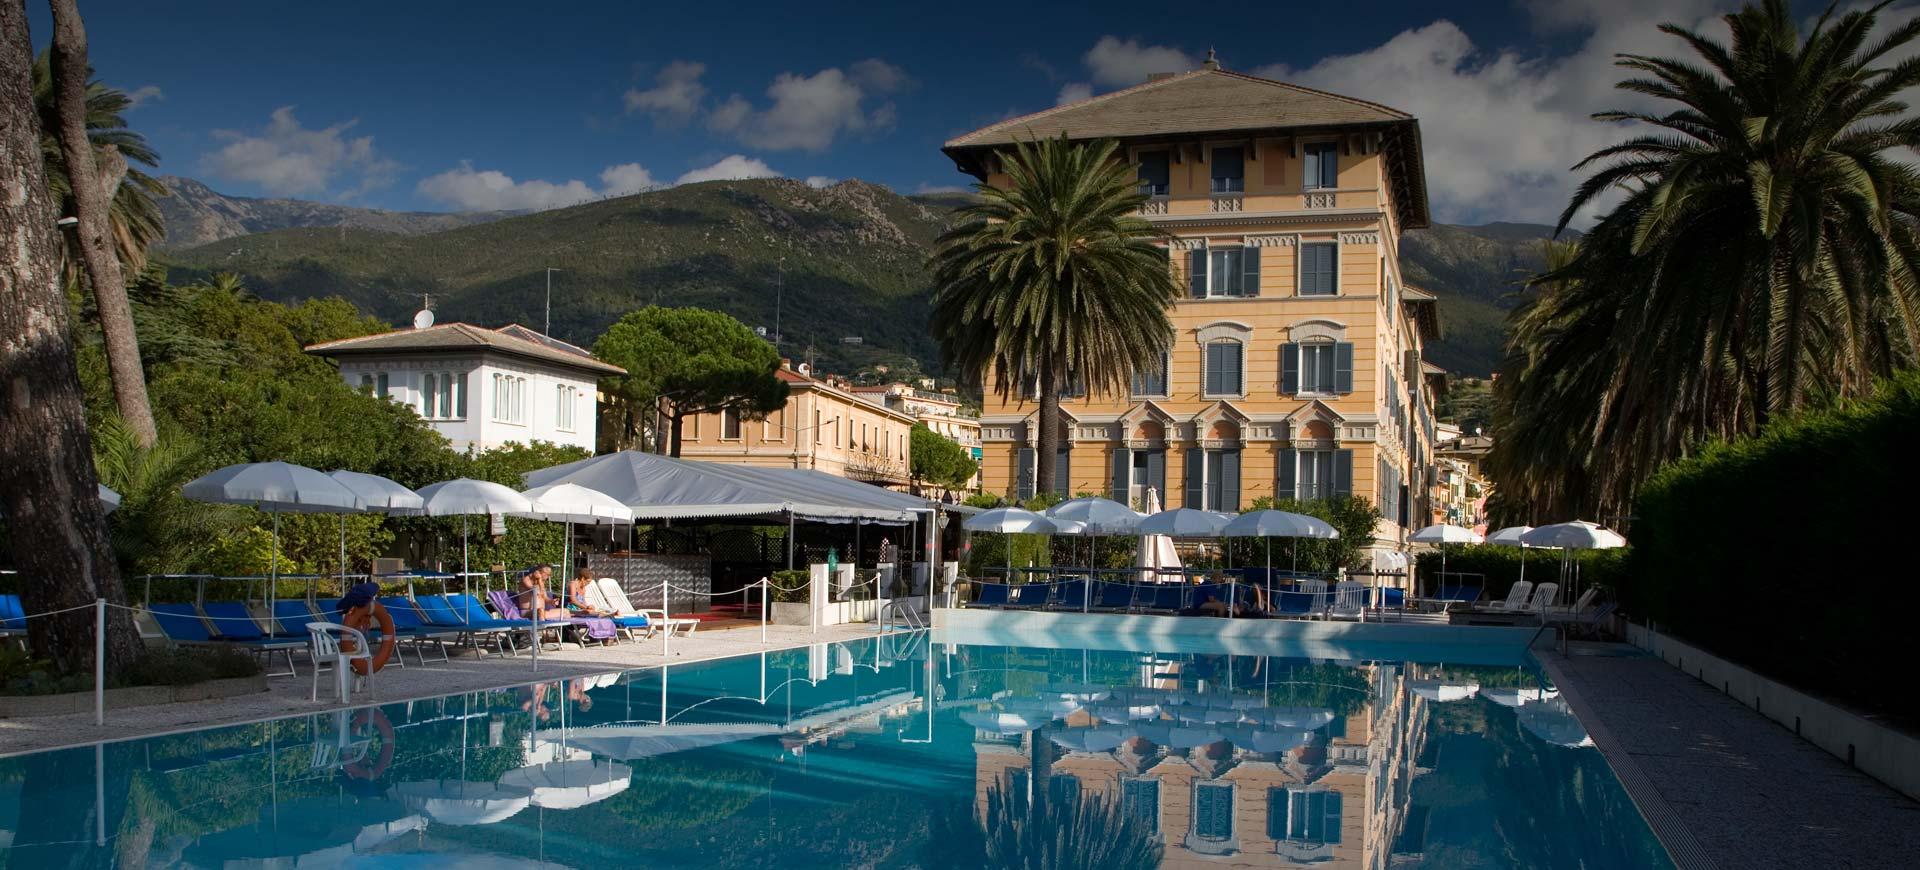 Piscina Grand Hotel Arenzano